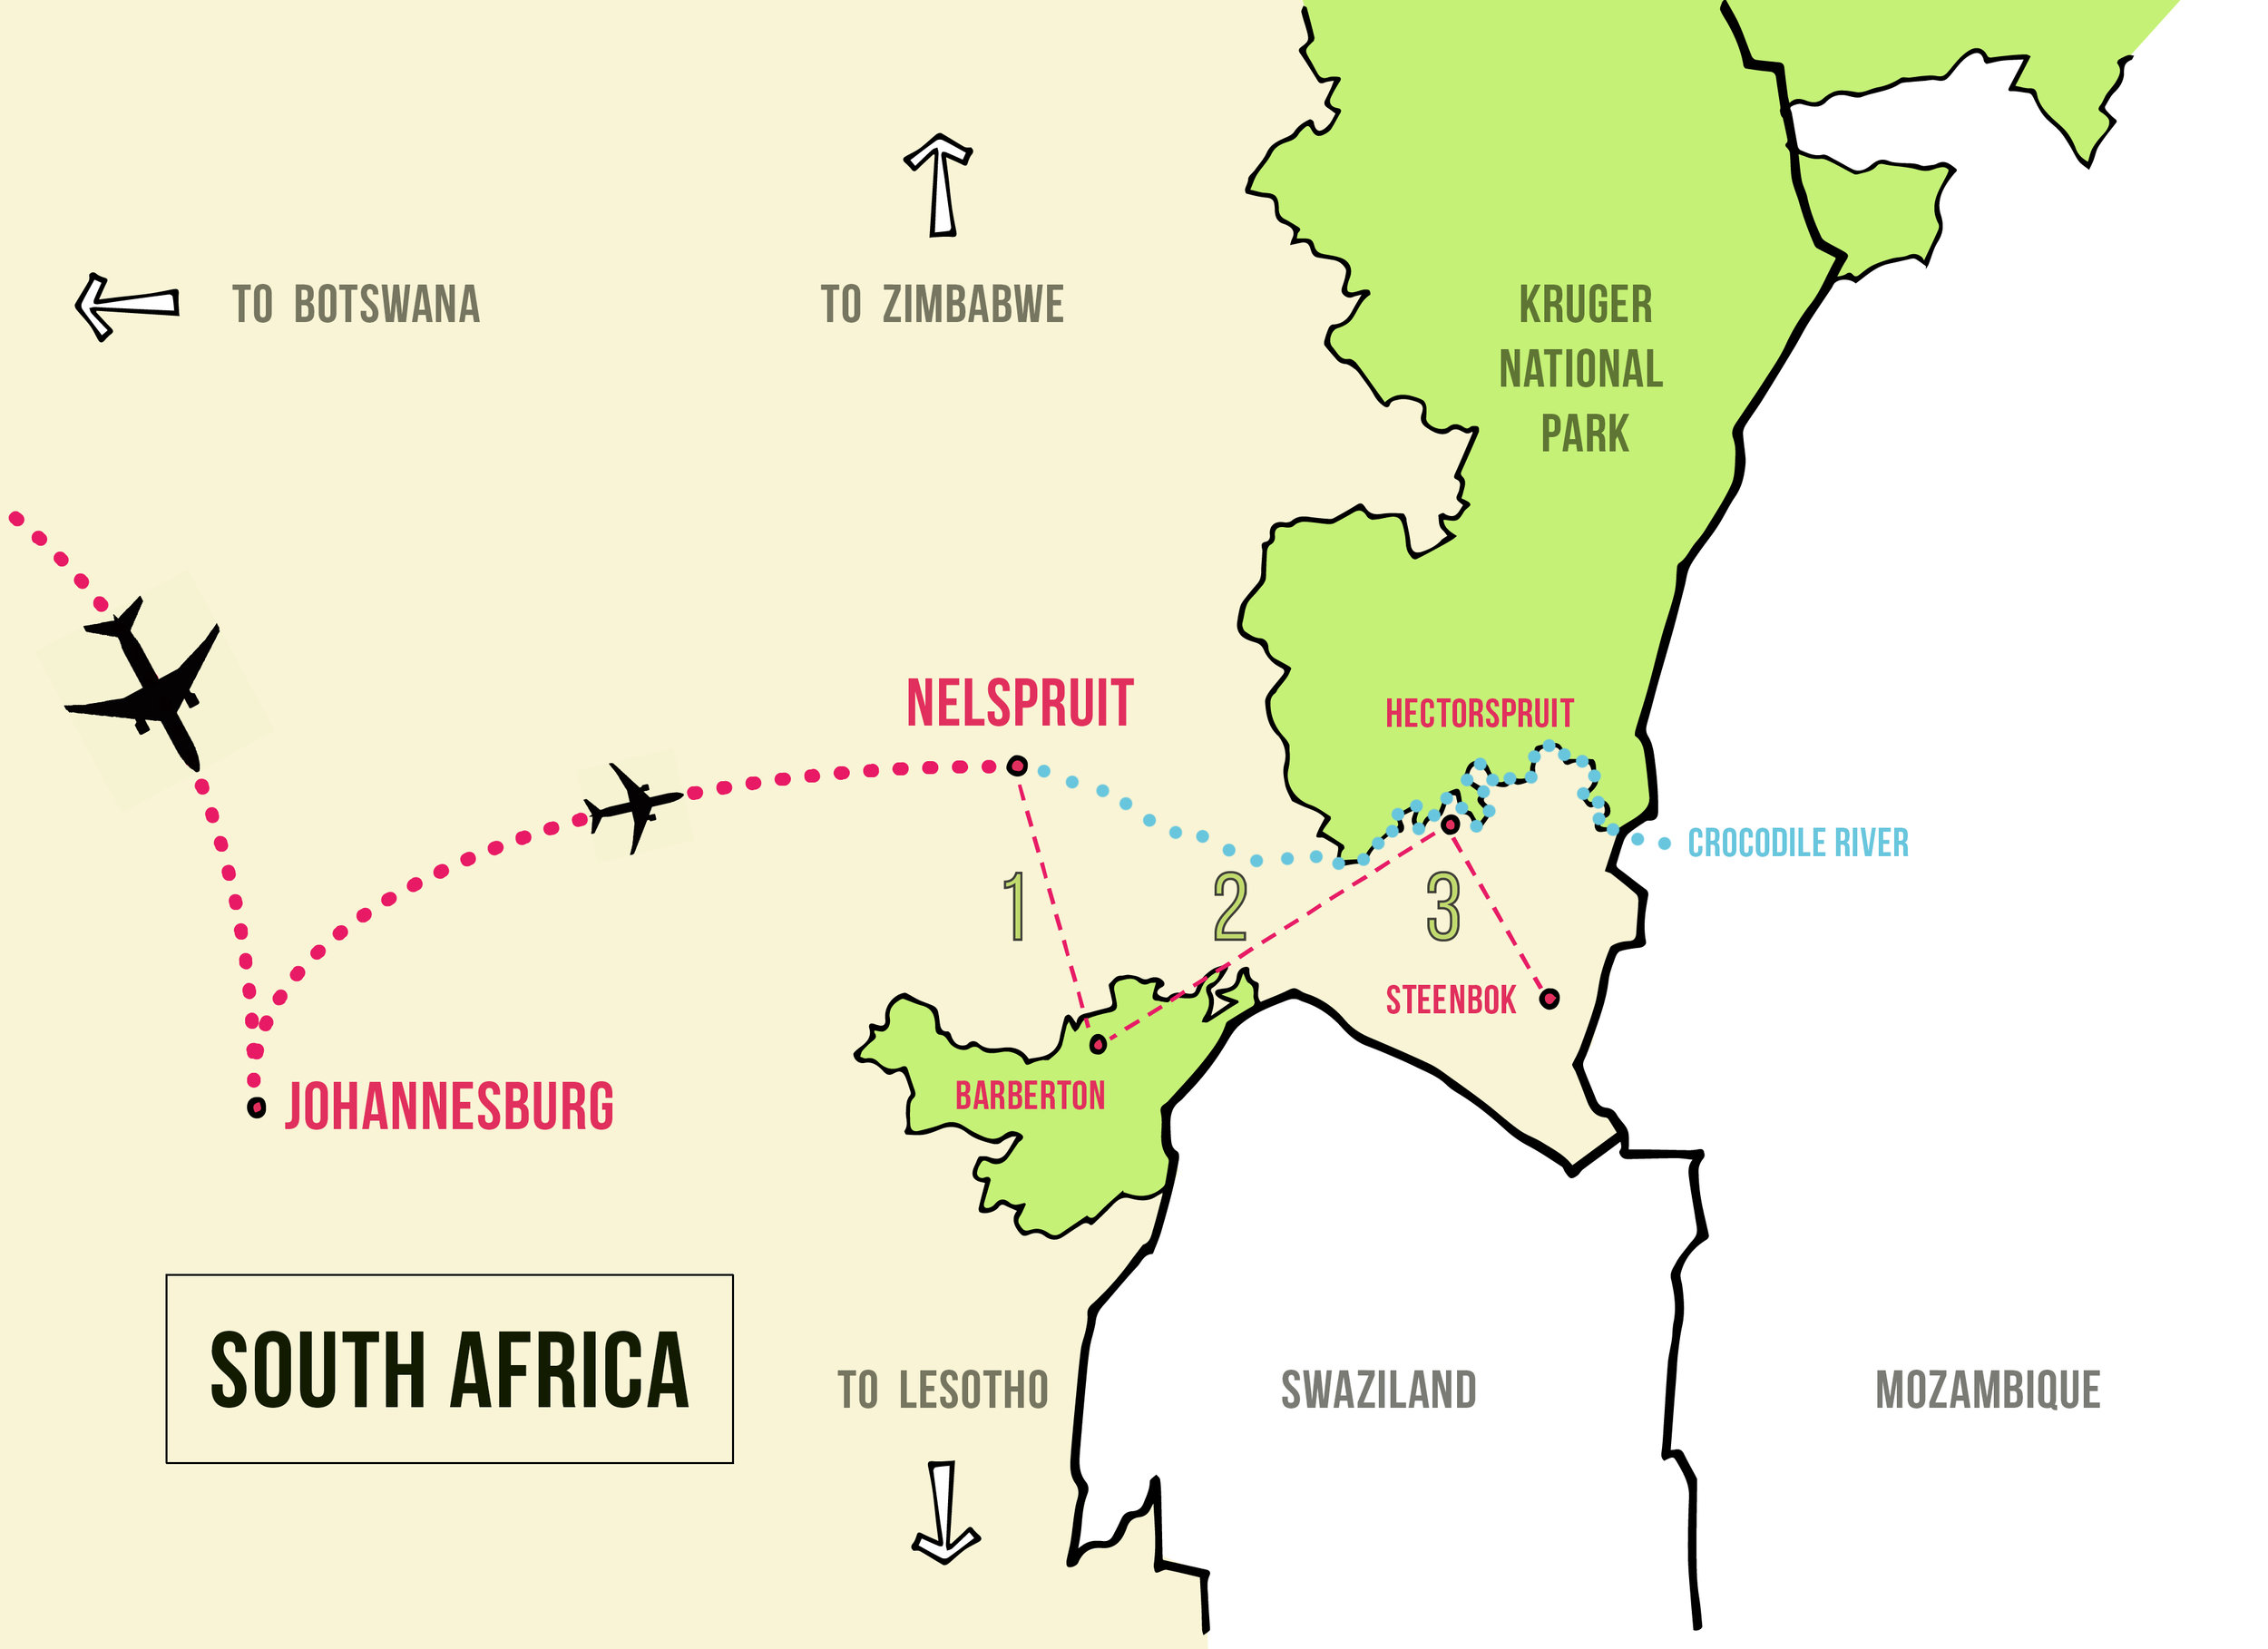 S Africa Map_Full.jpg